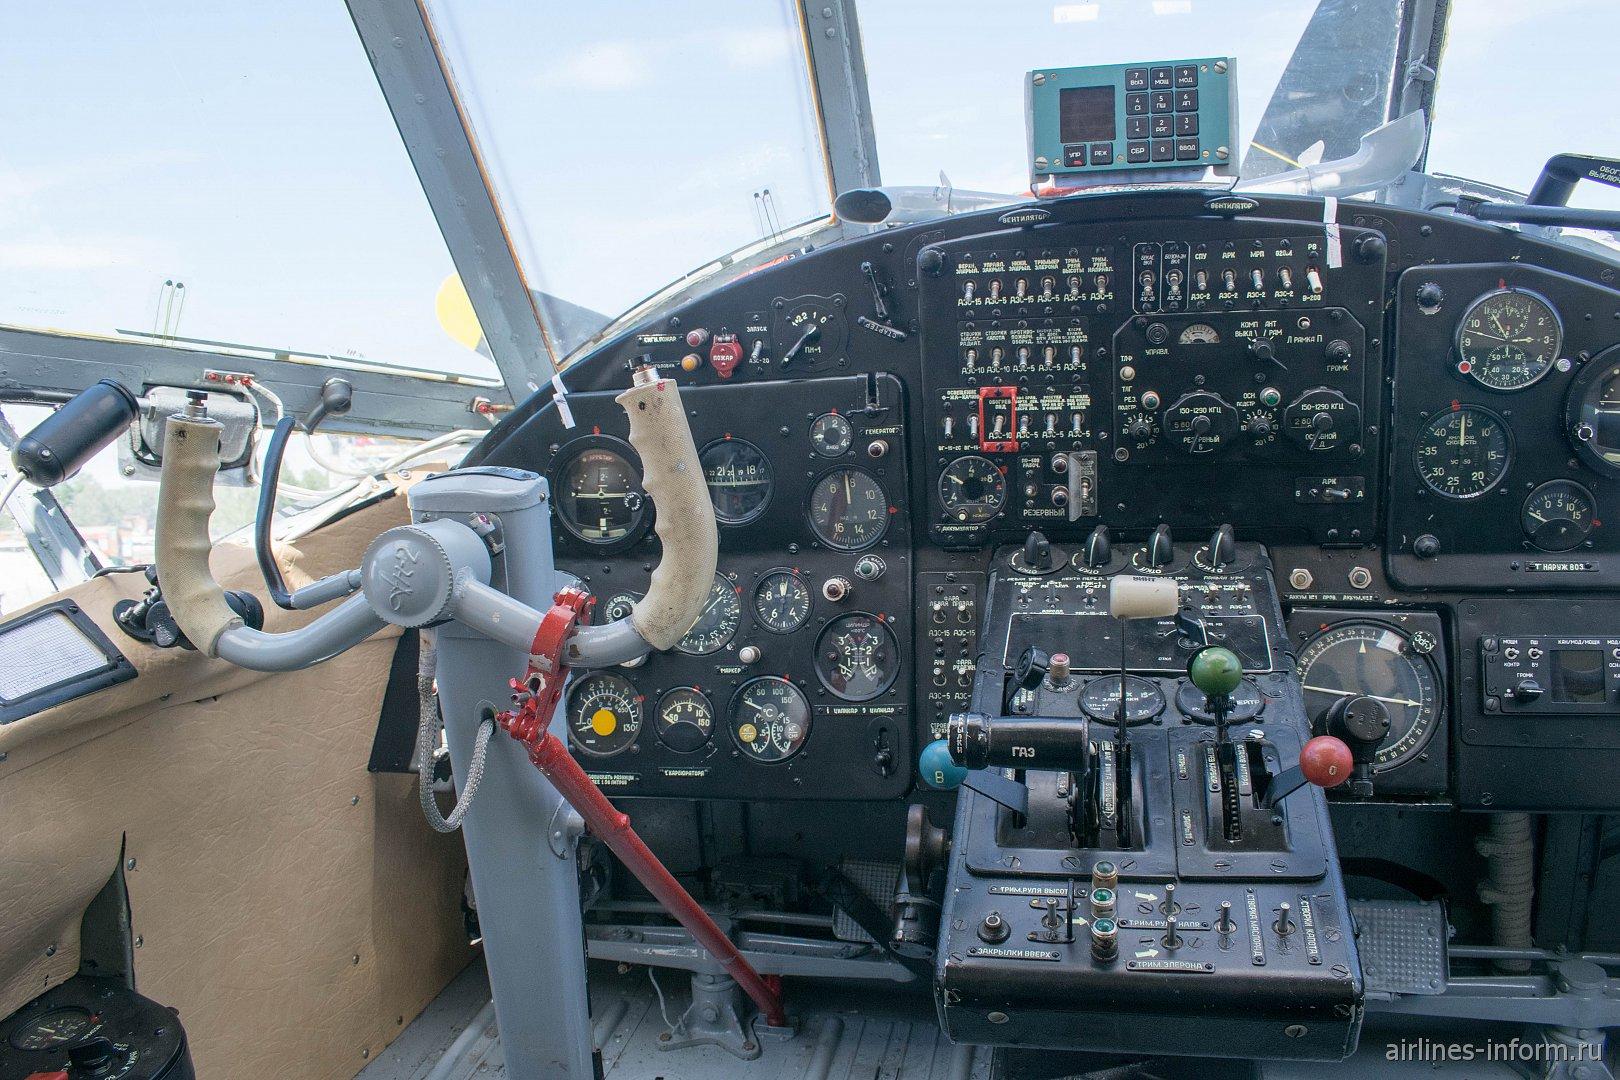 Приборная панель в кабине самолета Ан-2